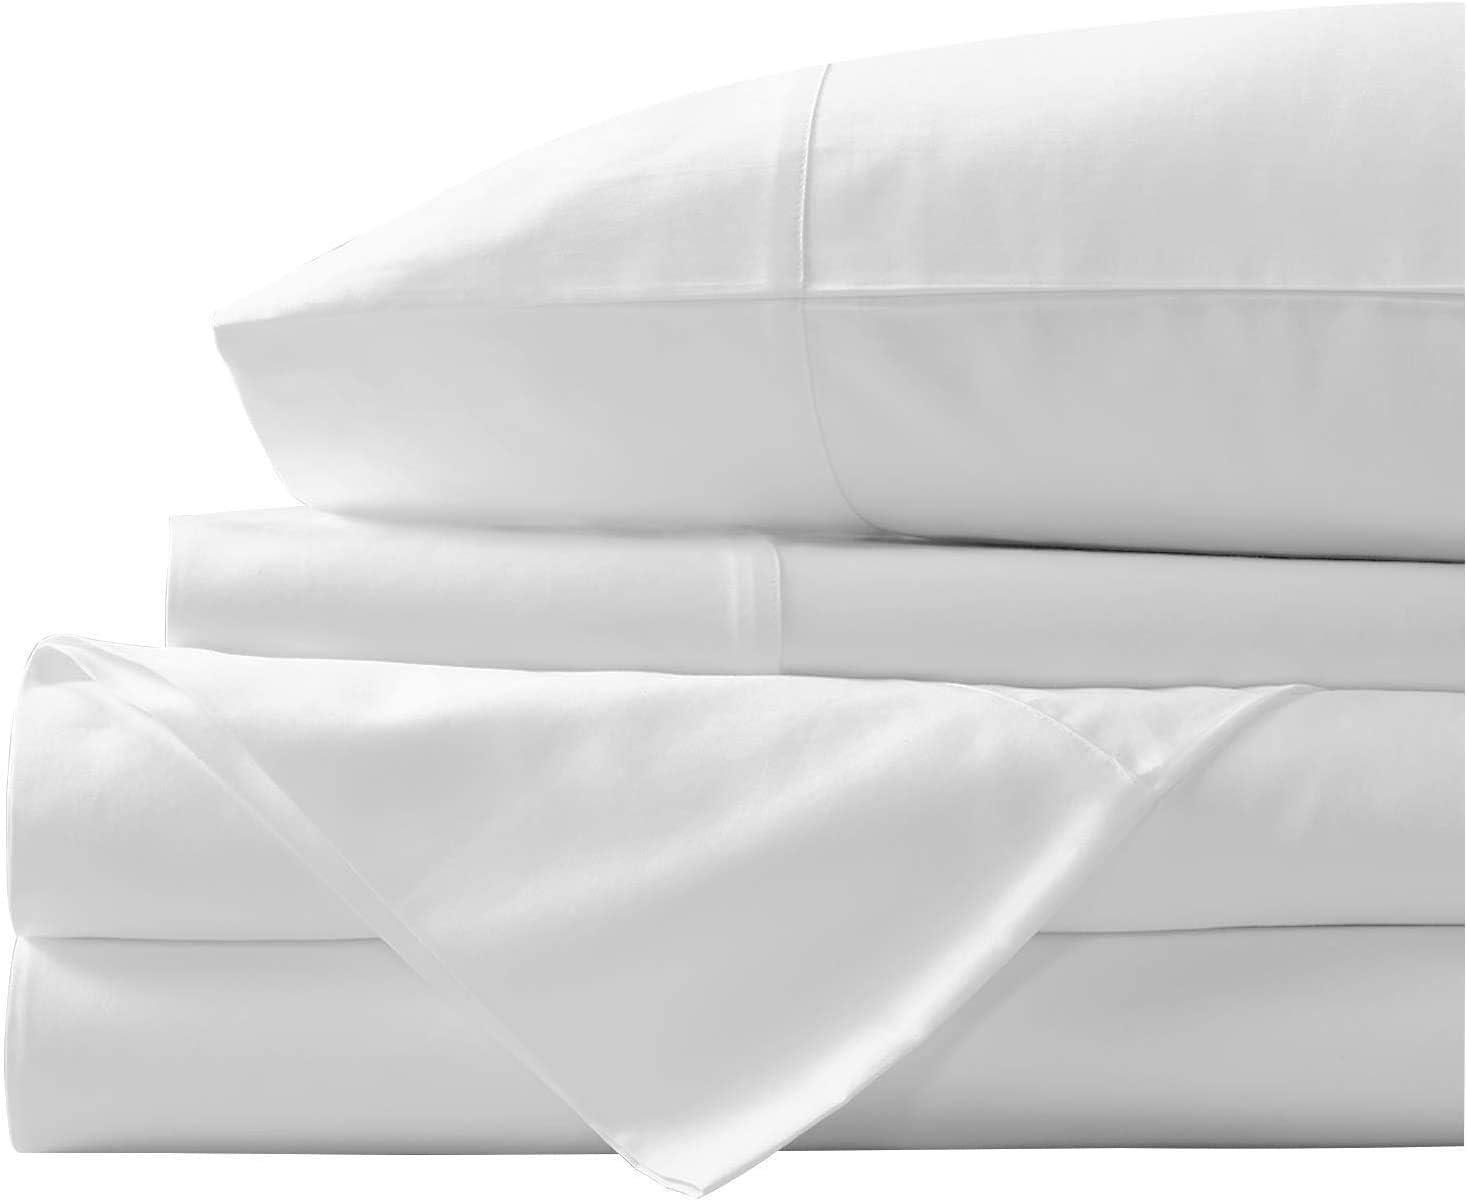 Juego de sábanas de algodón egipcio de 400 hilos, juego de sábanas de algodón con grapas 100% largas, sábana suave satinada - Sábana ajustable, sábana plana y 2 fundas de almohada (doble, blanco)